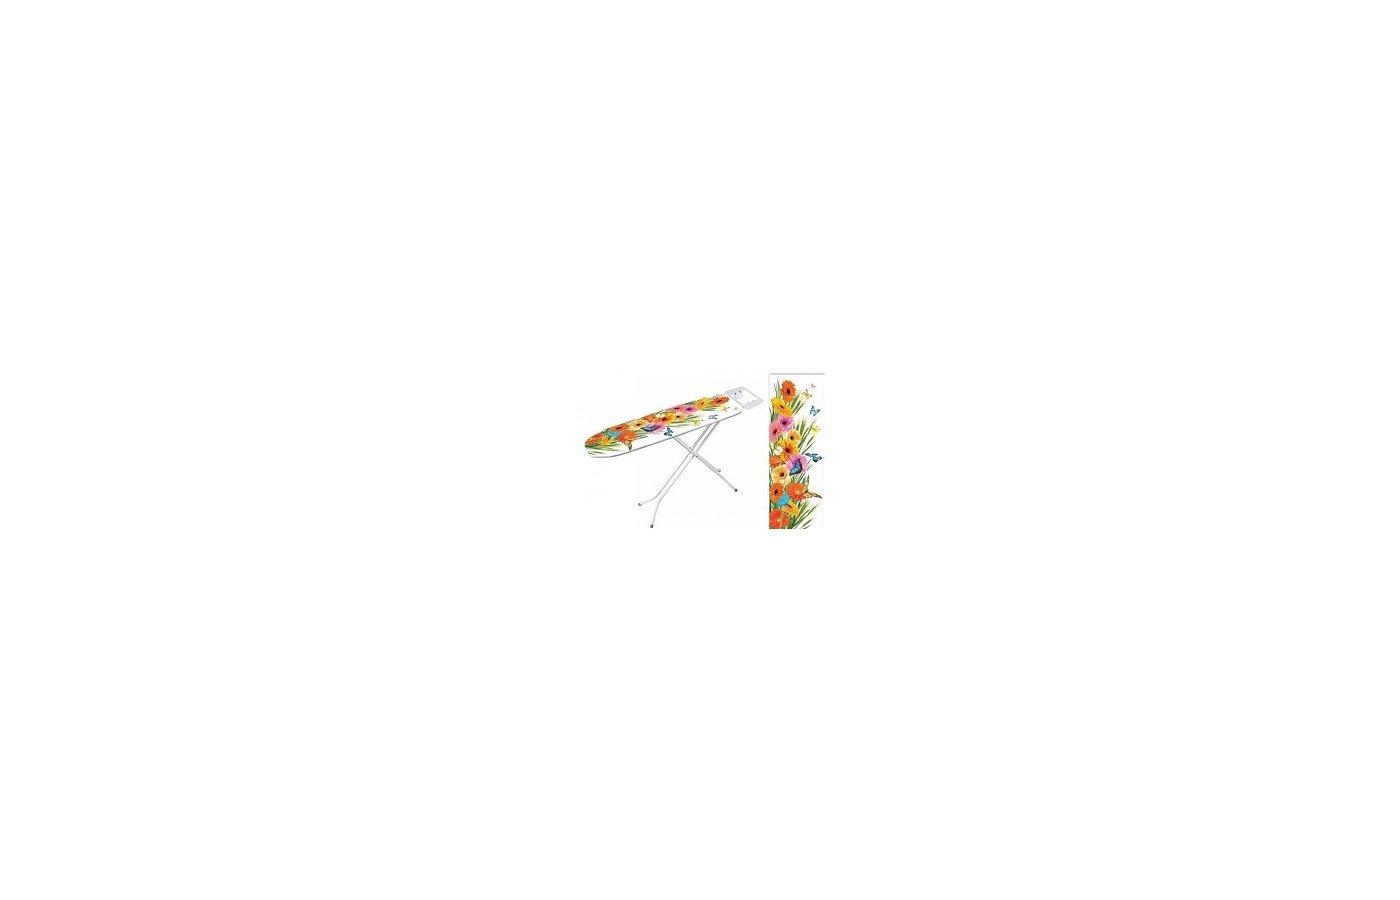 Чехлы и принадлежности для глажки VETTA 451-050 Чехол для гладильной доски хлопок 122x38см Герберы